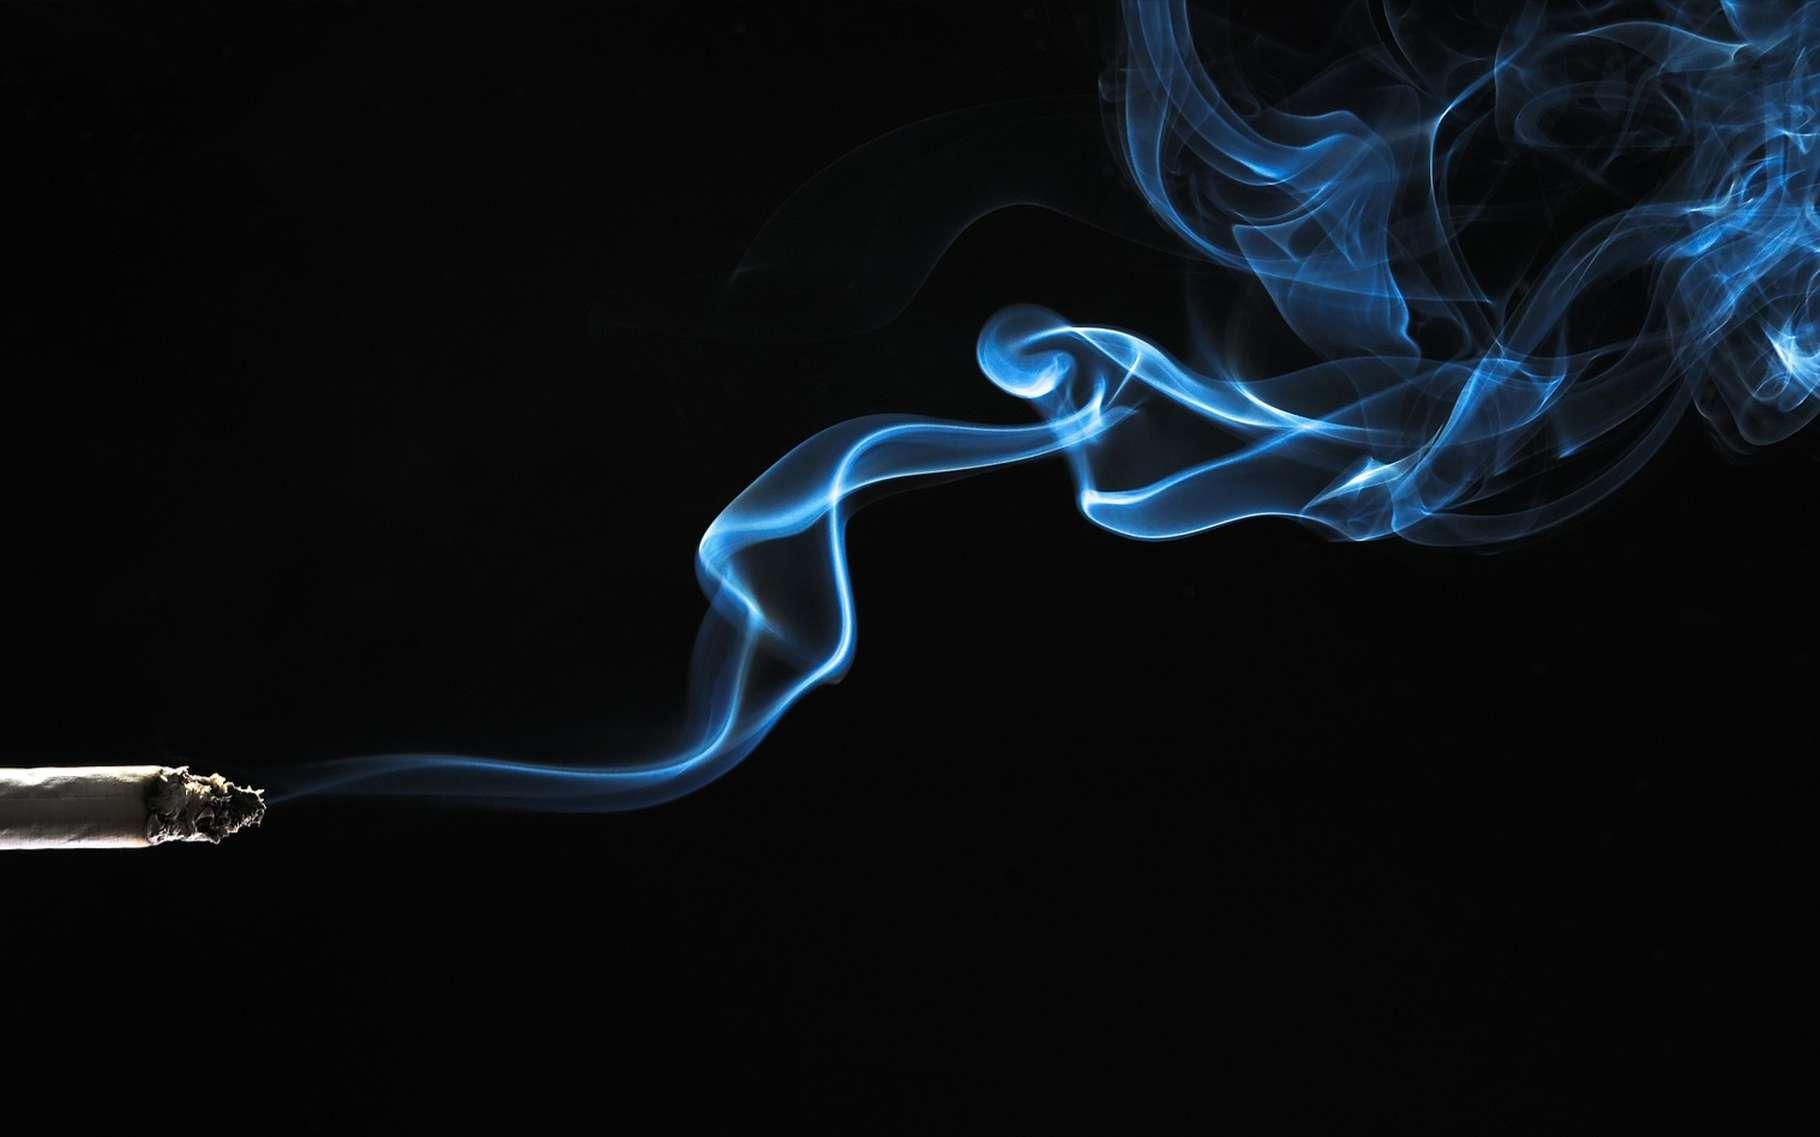 La machine fume comme un humain des cigarettes normales ou électroniques. © Fotokon, Shutterstock